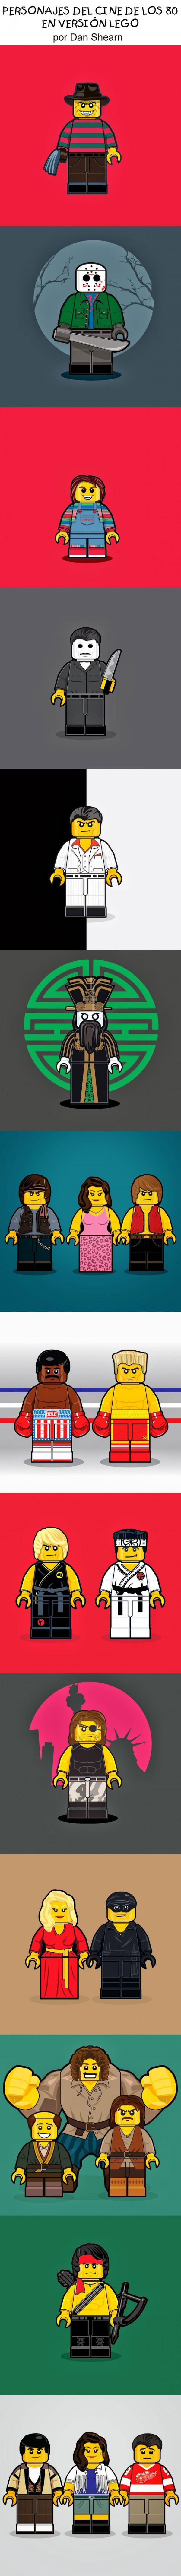 Personajes del cine de los 80 versión LEGO